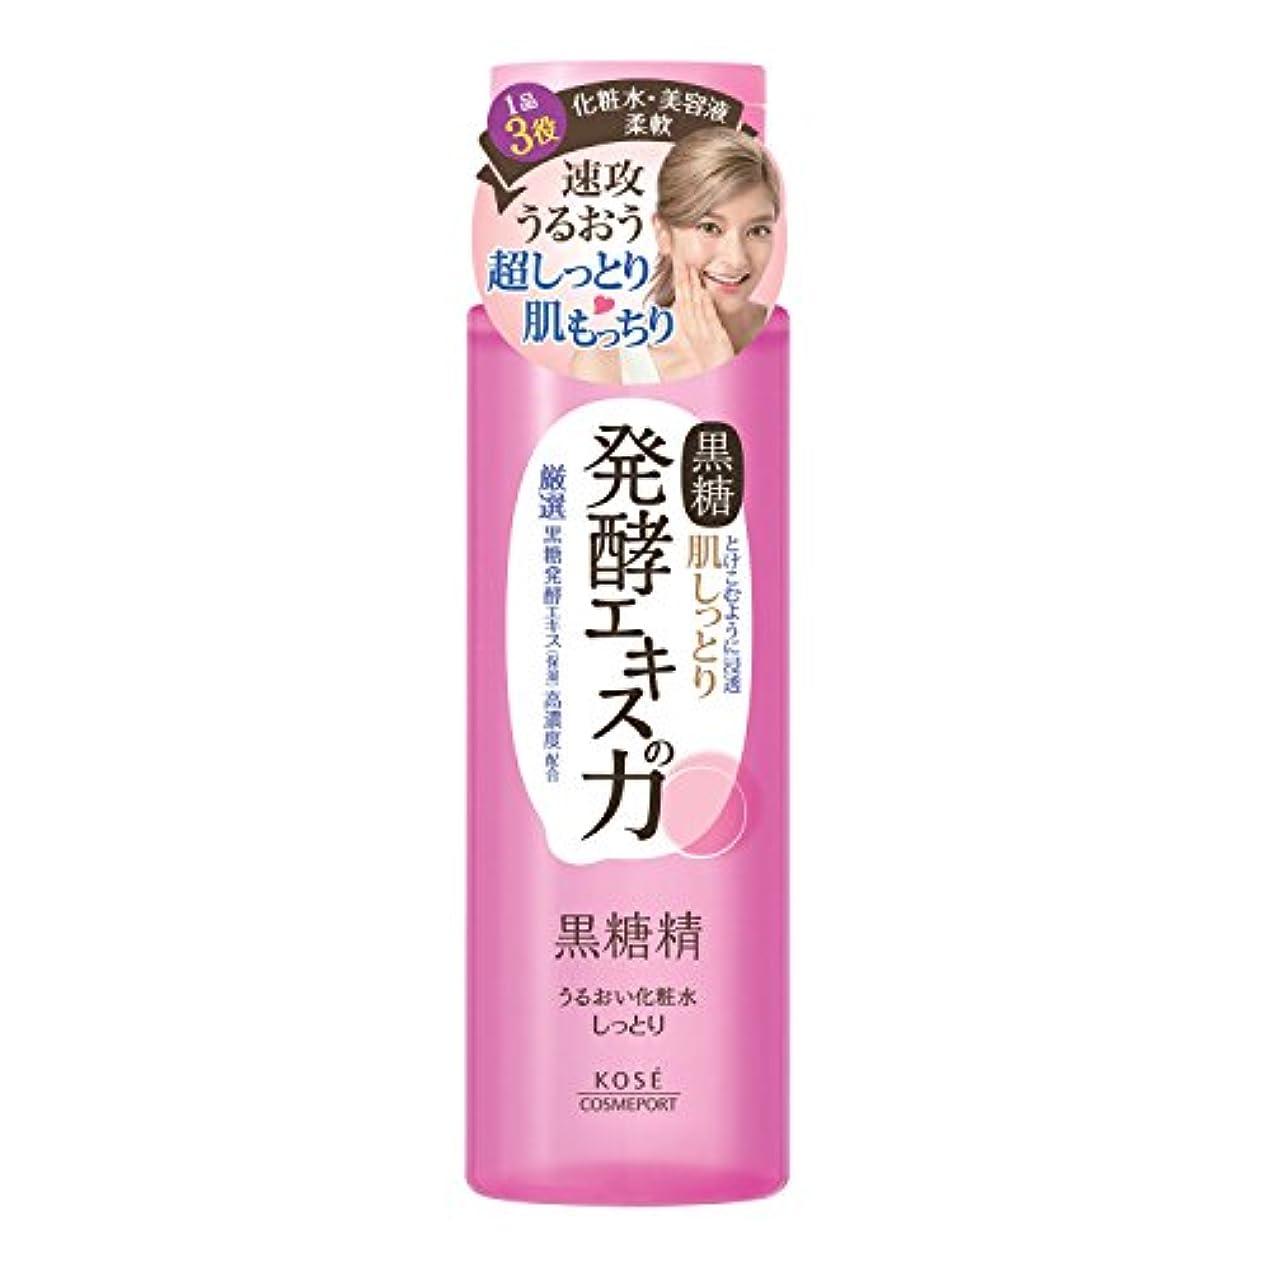 プレゼンテーション精神ガイドラインKOSE 黒糖精 うるおい化粧水 しっとり 180mL